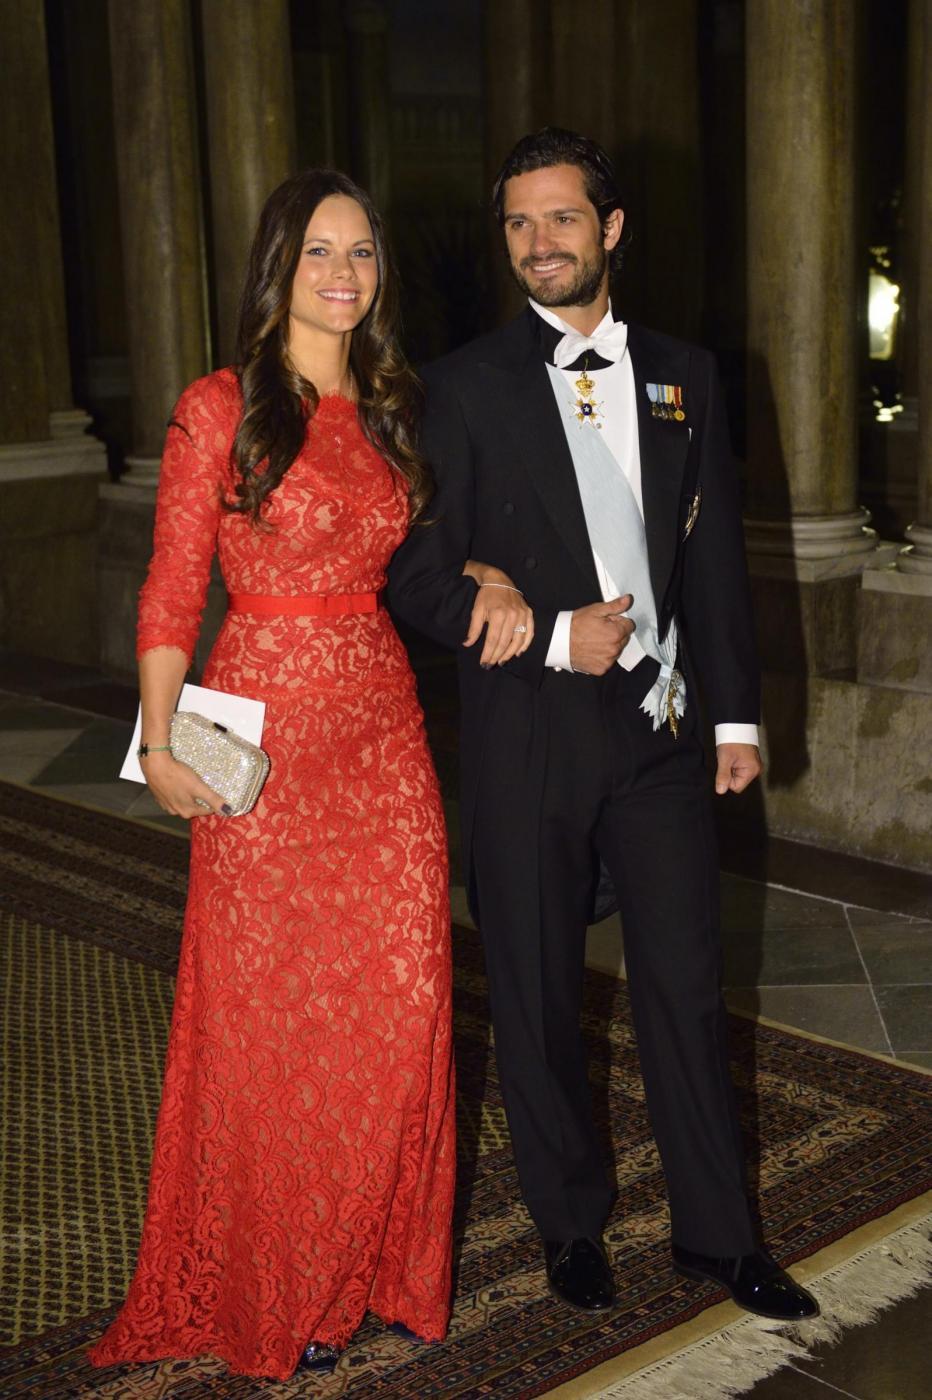 Sofia Hellqvist: chi è la donna che sposa Carlo Filippo di Svezia FOTO